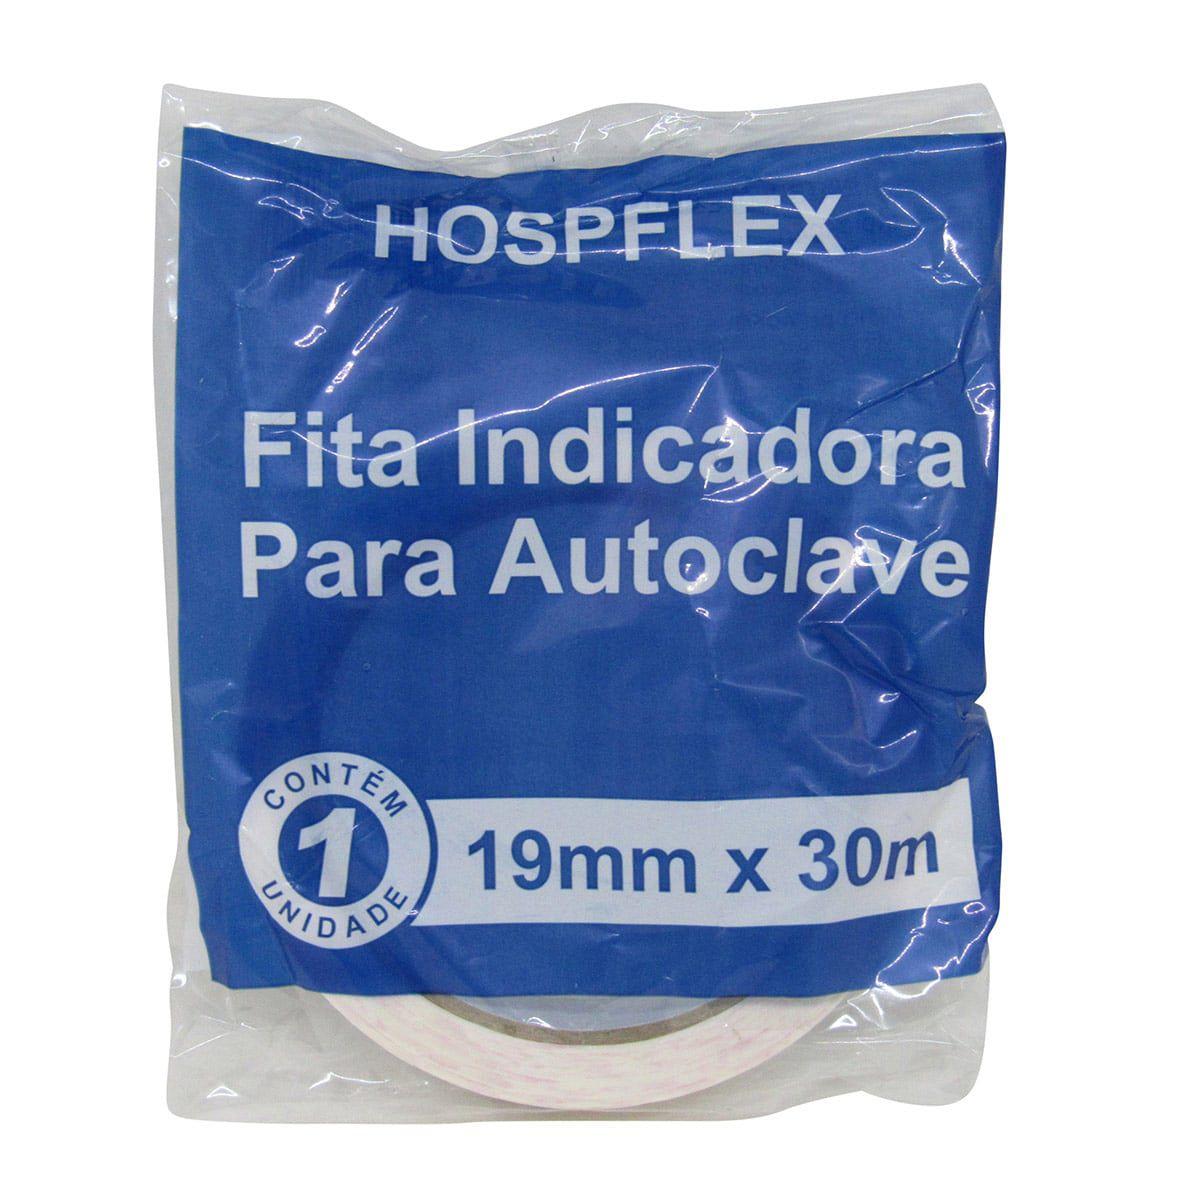 Fita Indicadora para Autoclave 19mm x 30m Hospflex kIt 10un